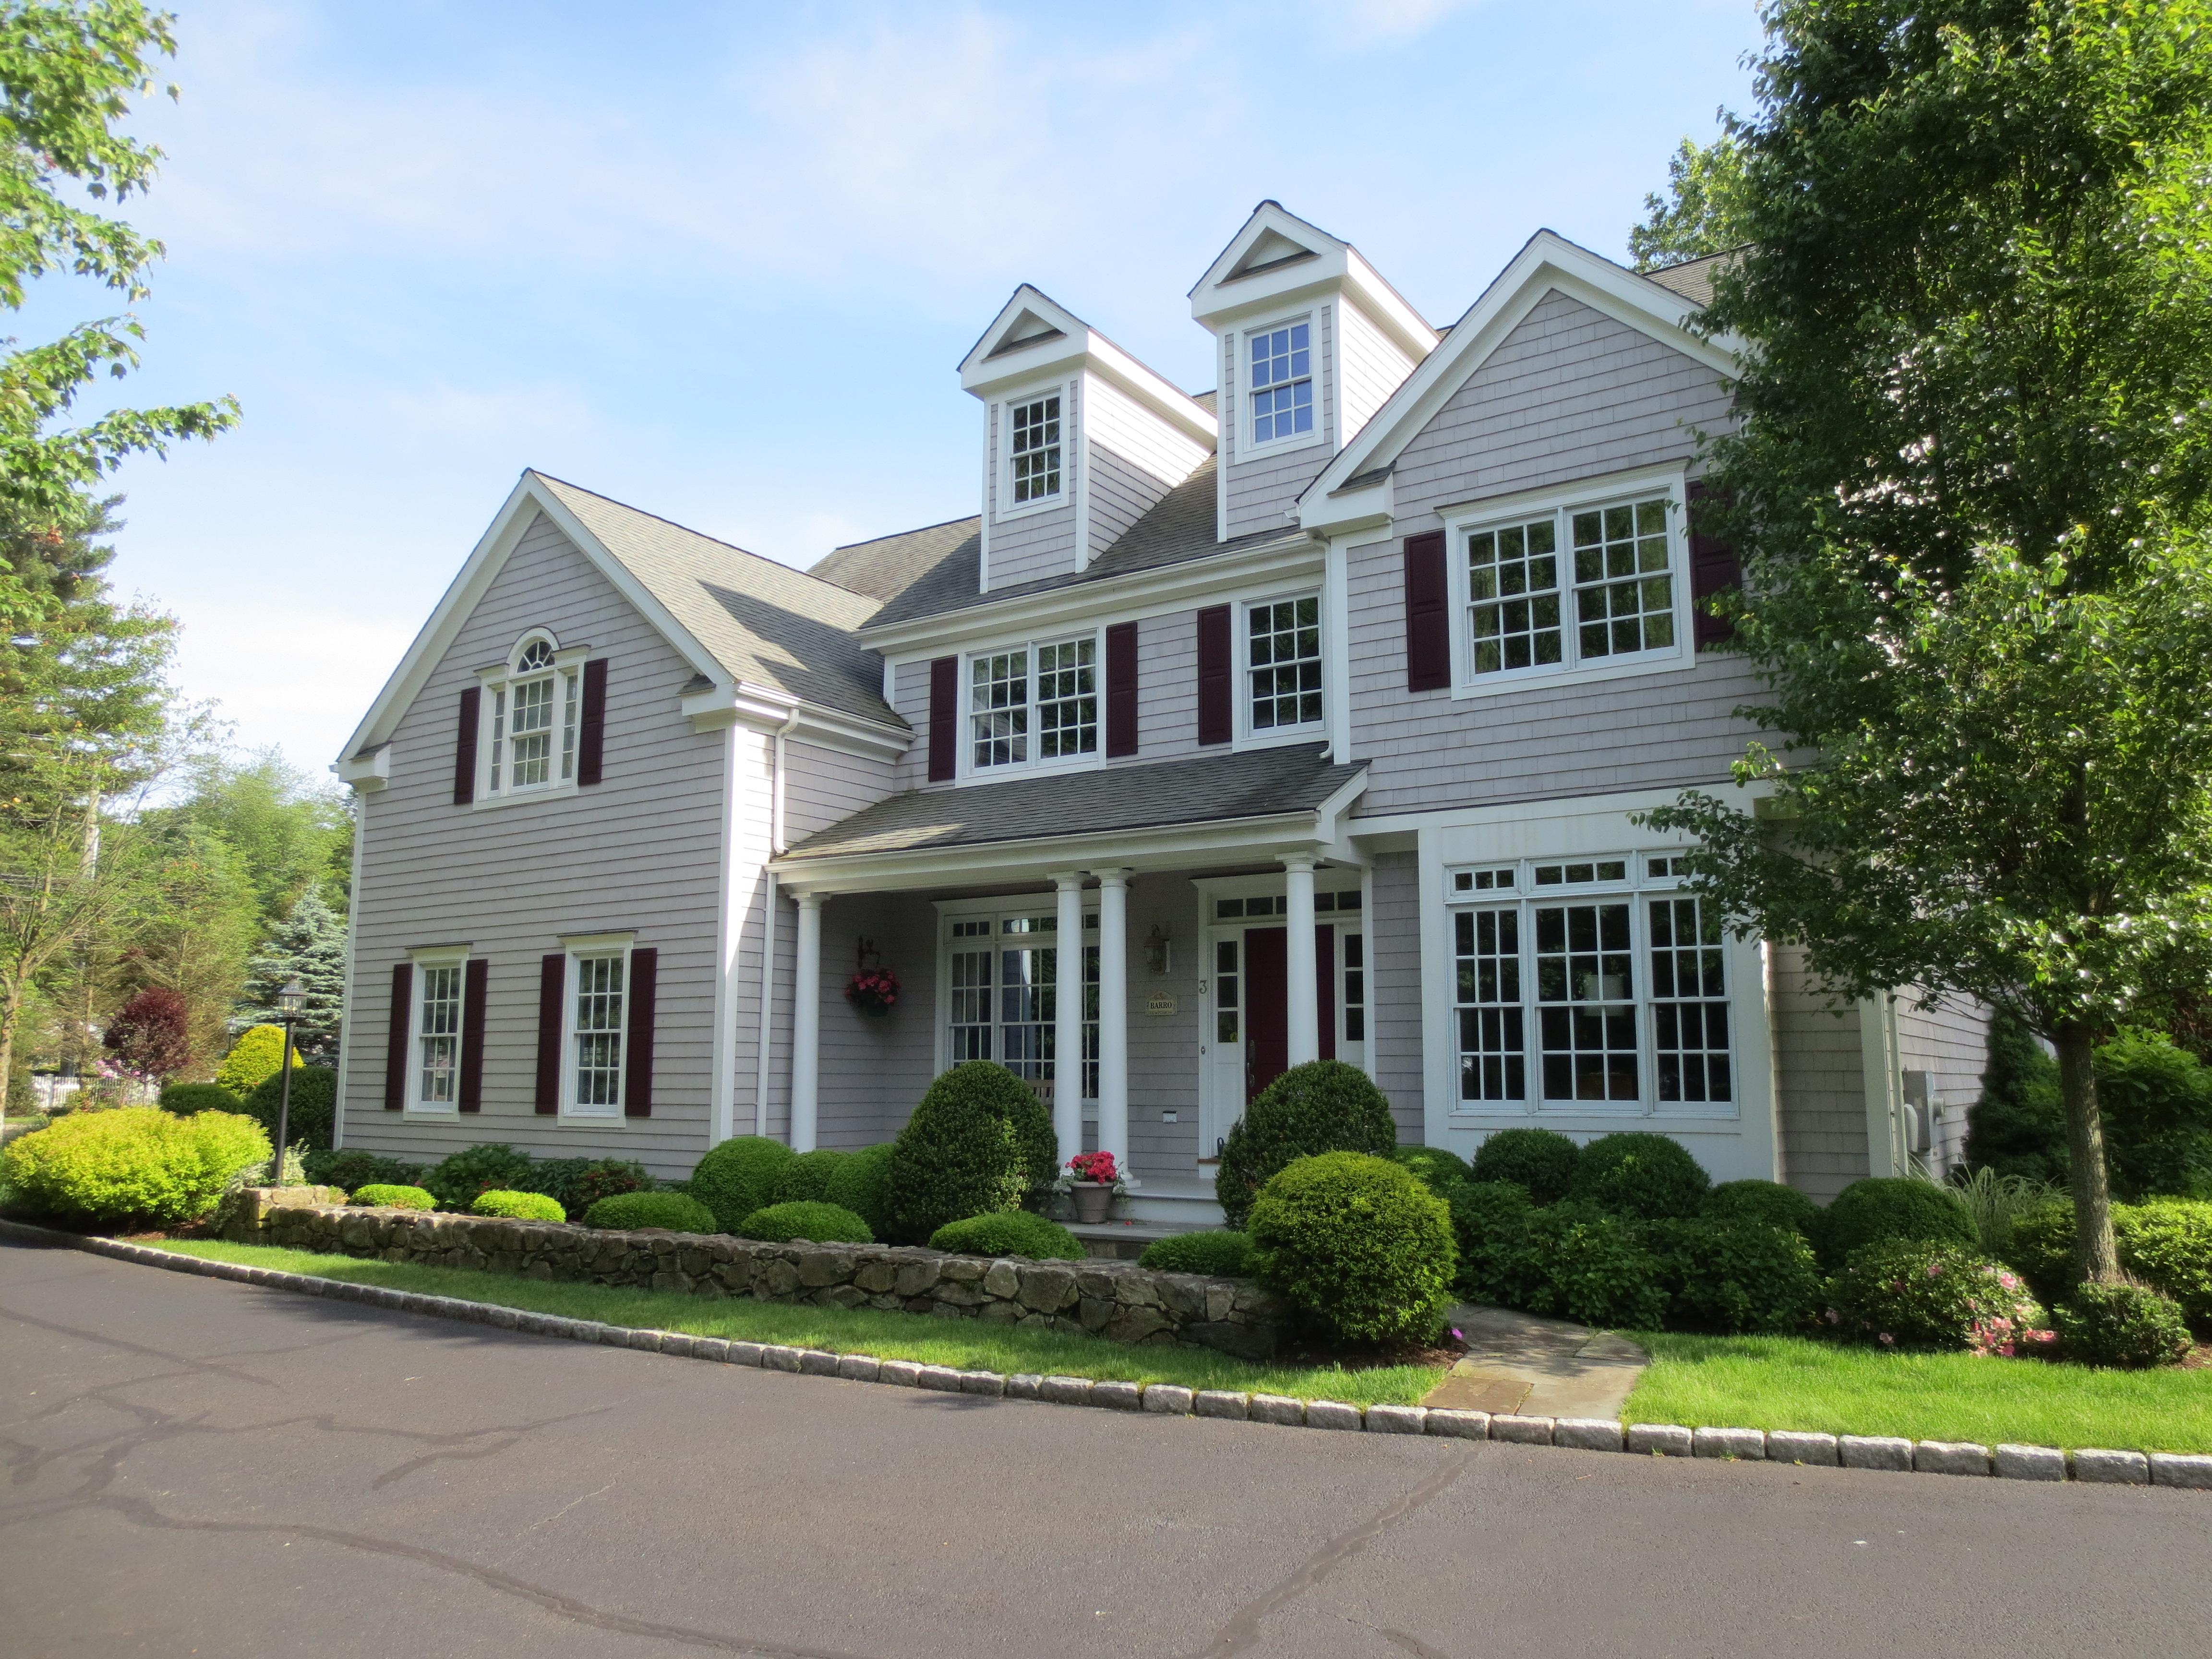 一戸建て のために 売買 アット Pristine Sunny Colonial 3 Cottonwood Chase Road 3 Norwalk, コネチカット 06851 アメリカ合衆国